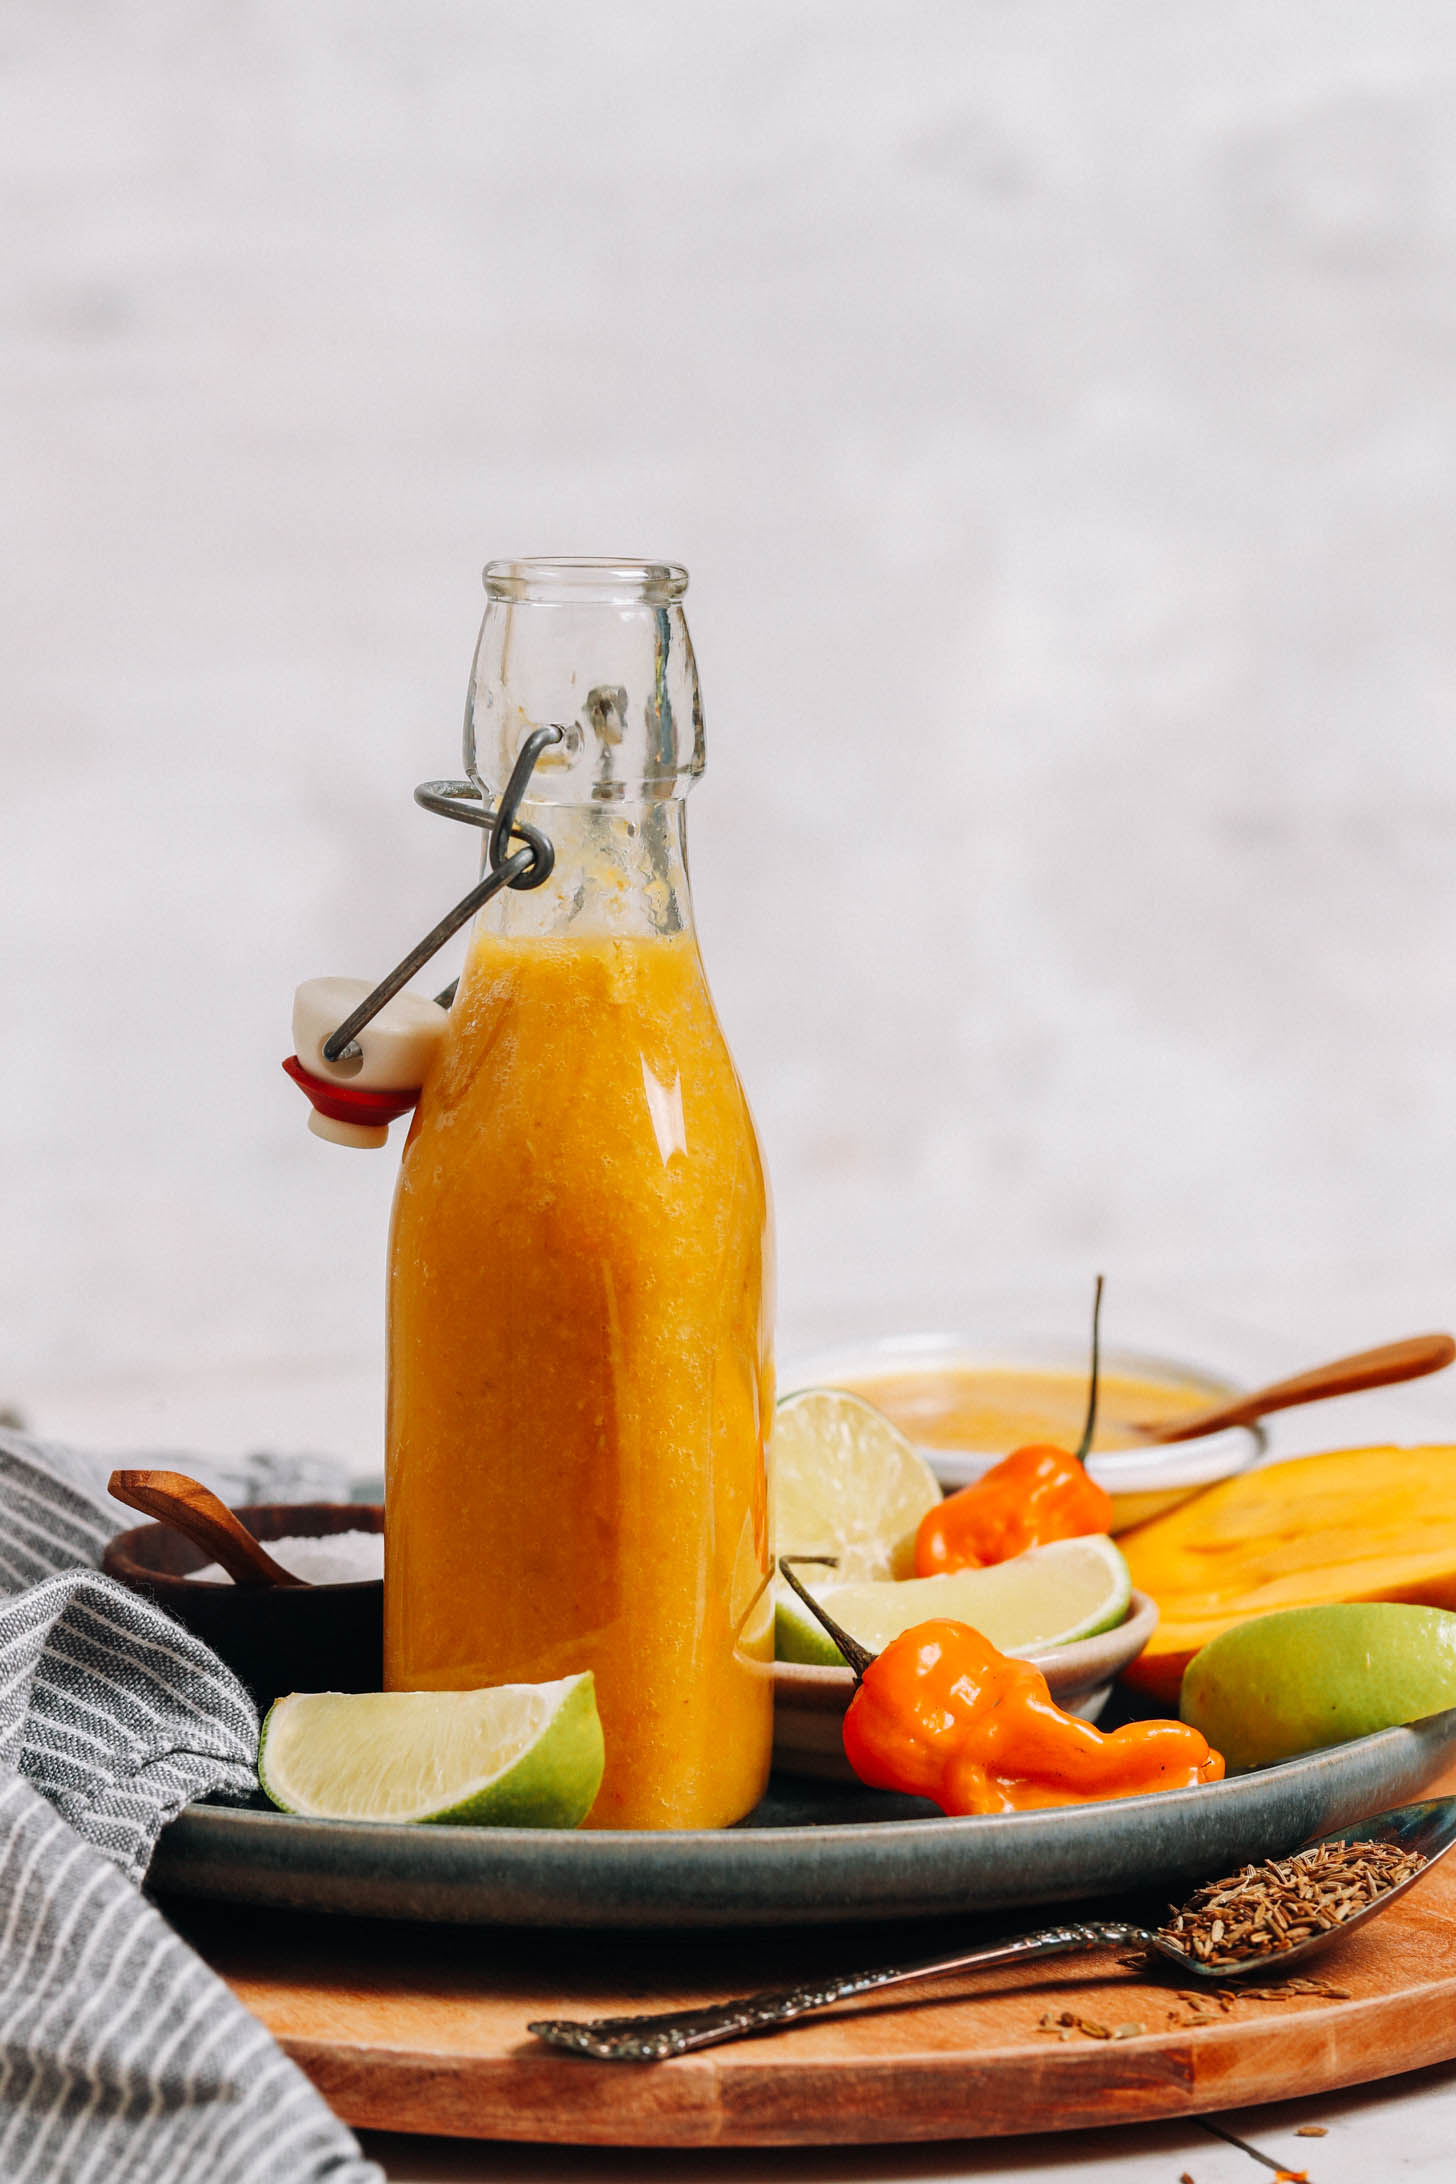 Nyisson ki egy üveg házi habanero forró mártást egy tányérra az elkészítéshez használt összetevőkkel